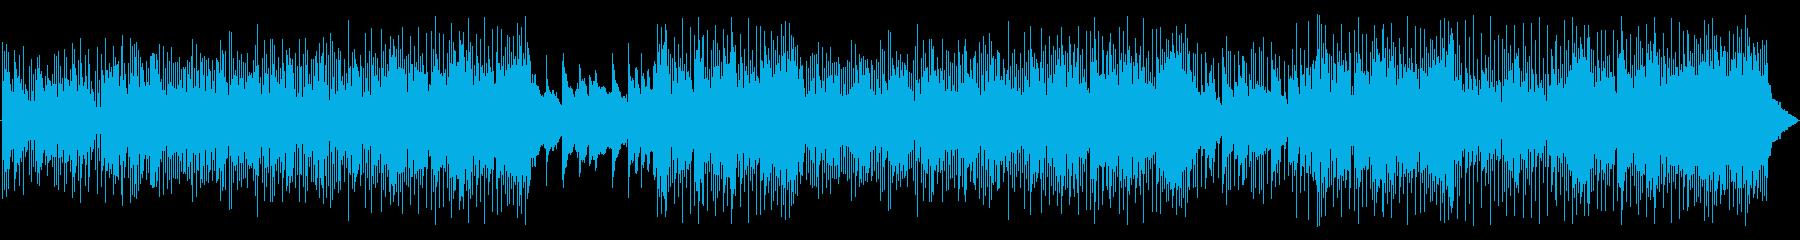 アコースティックおよびエレクトリッ...の再生済みの波形